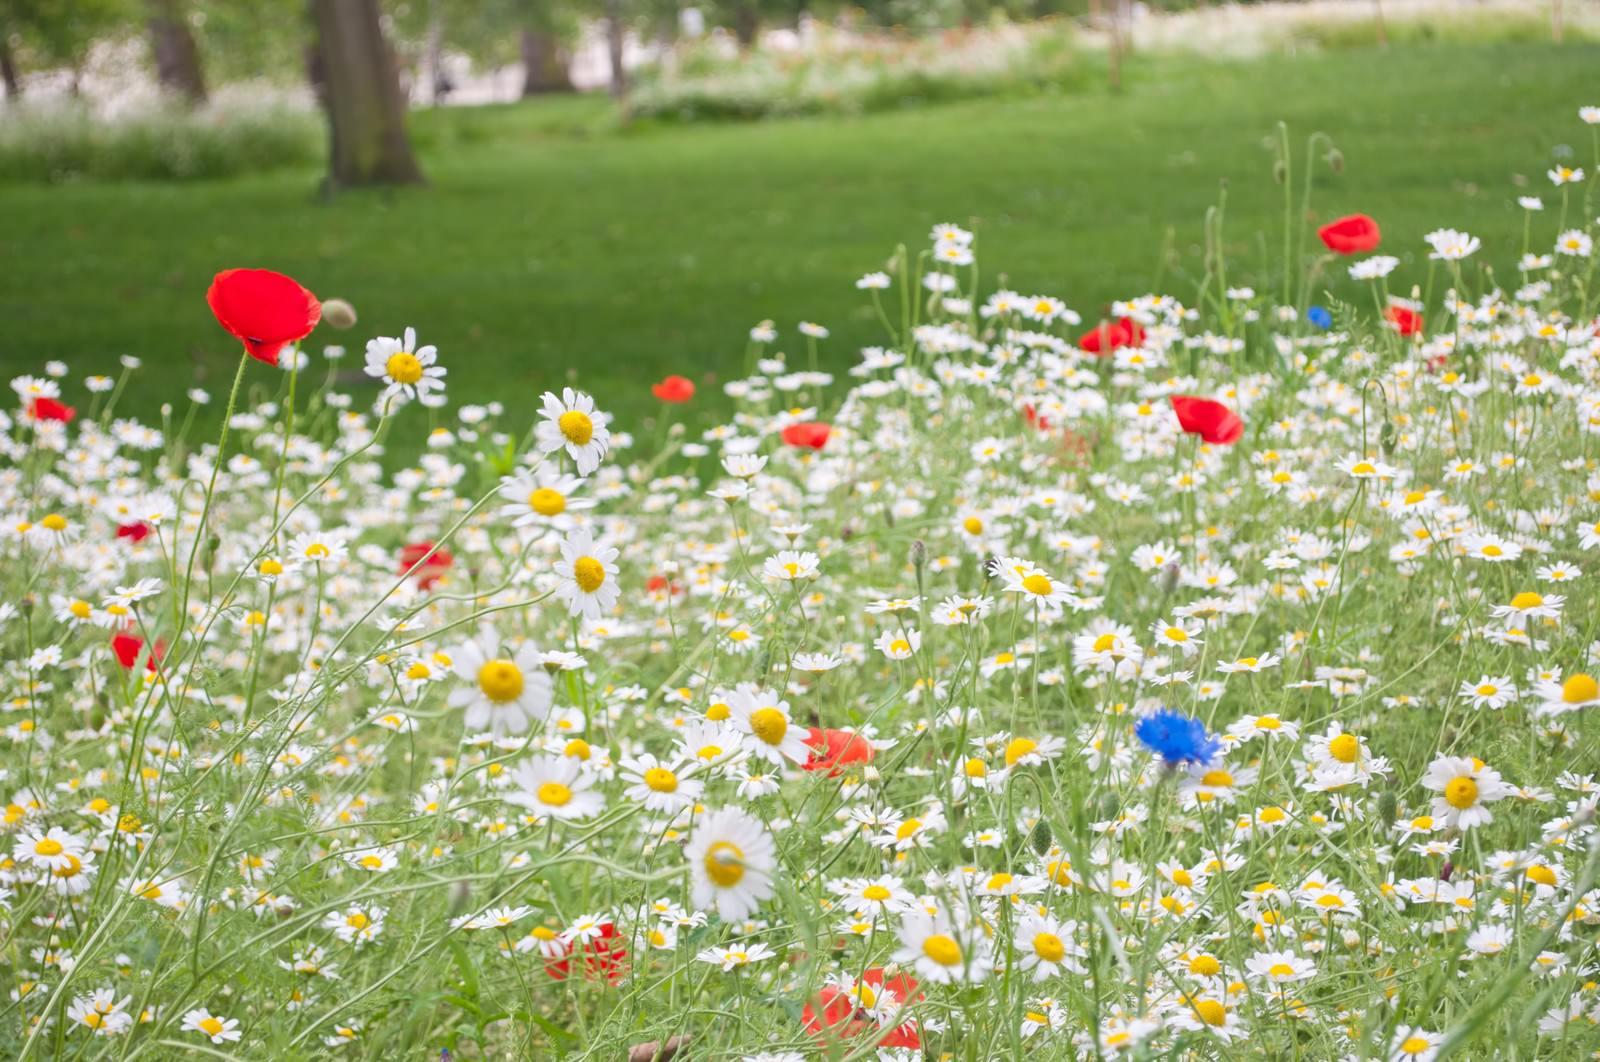 「セントジェームズパークのメドウ花壇」の写真